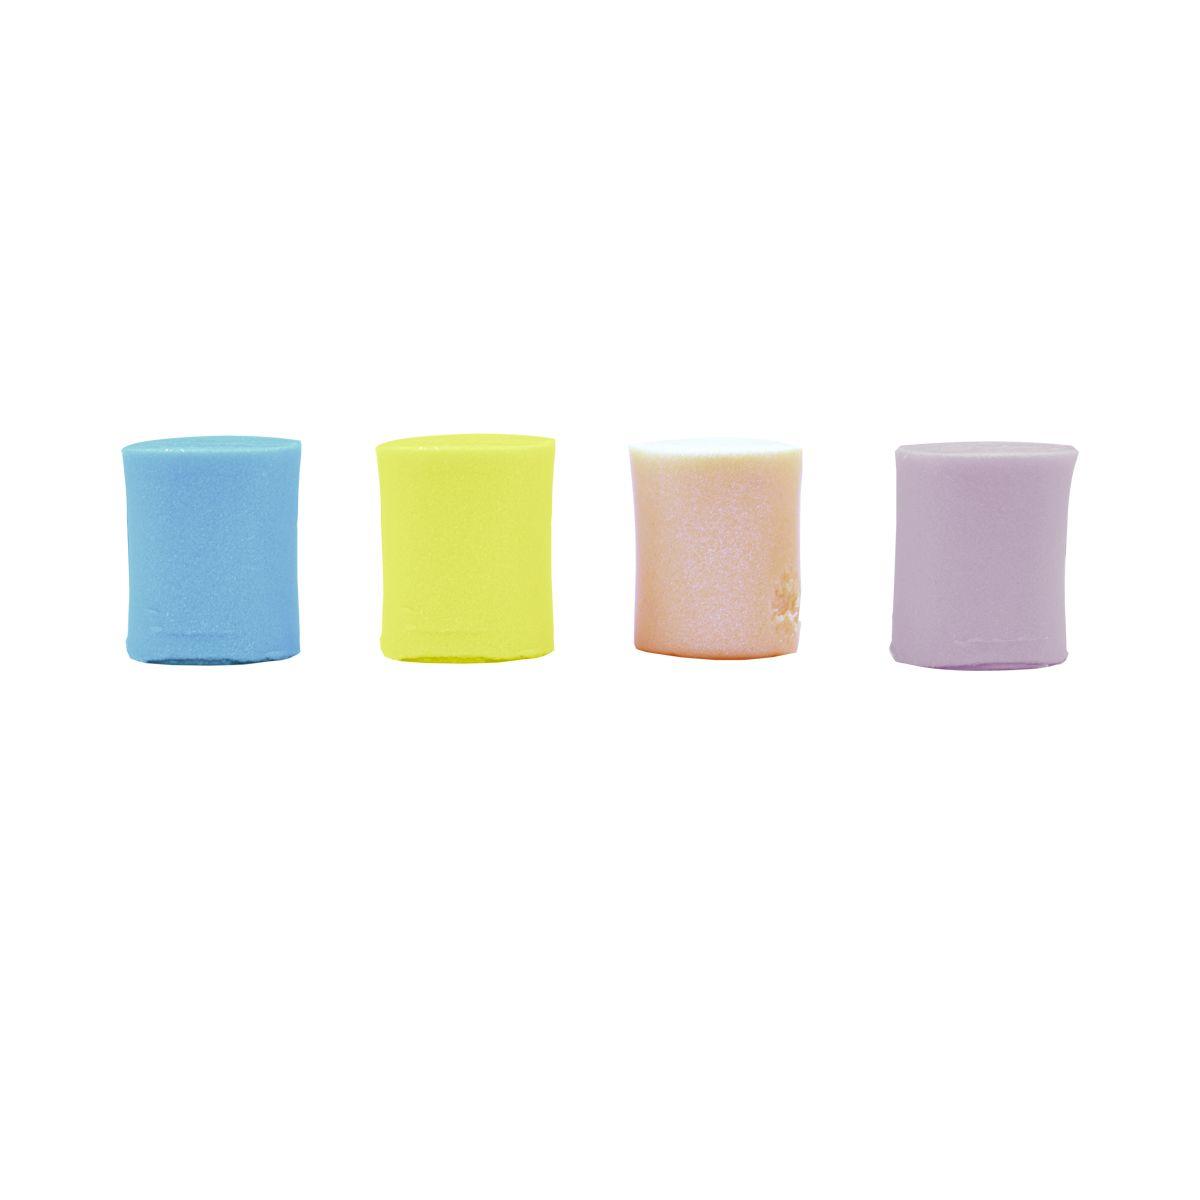 Set de 4 pots de pâte à modeler couleurs nacrées - Créalia